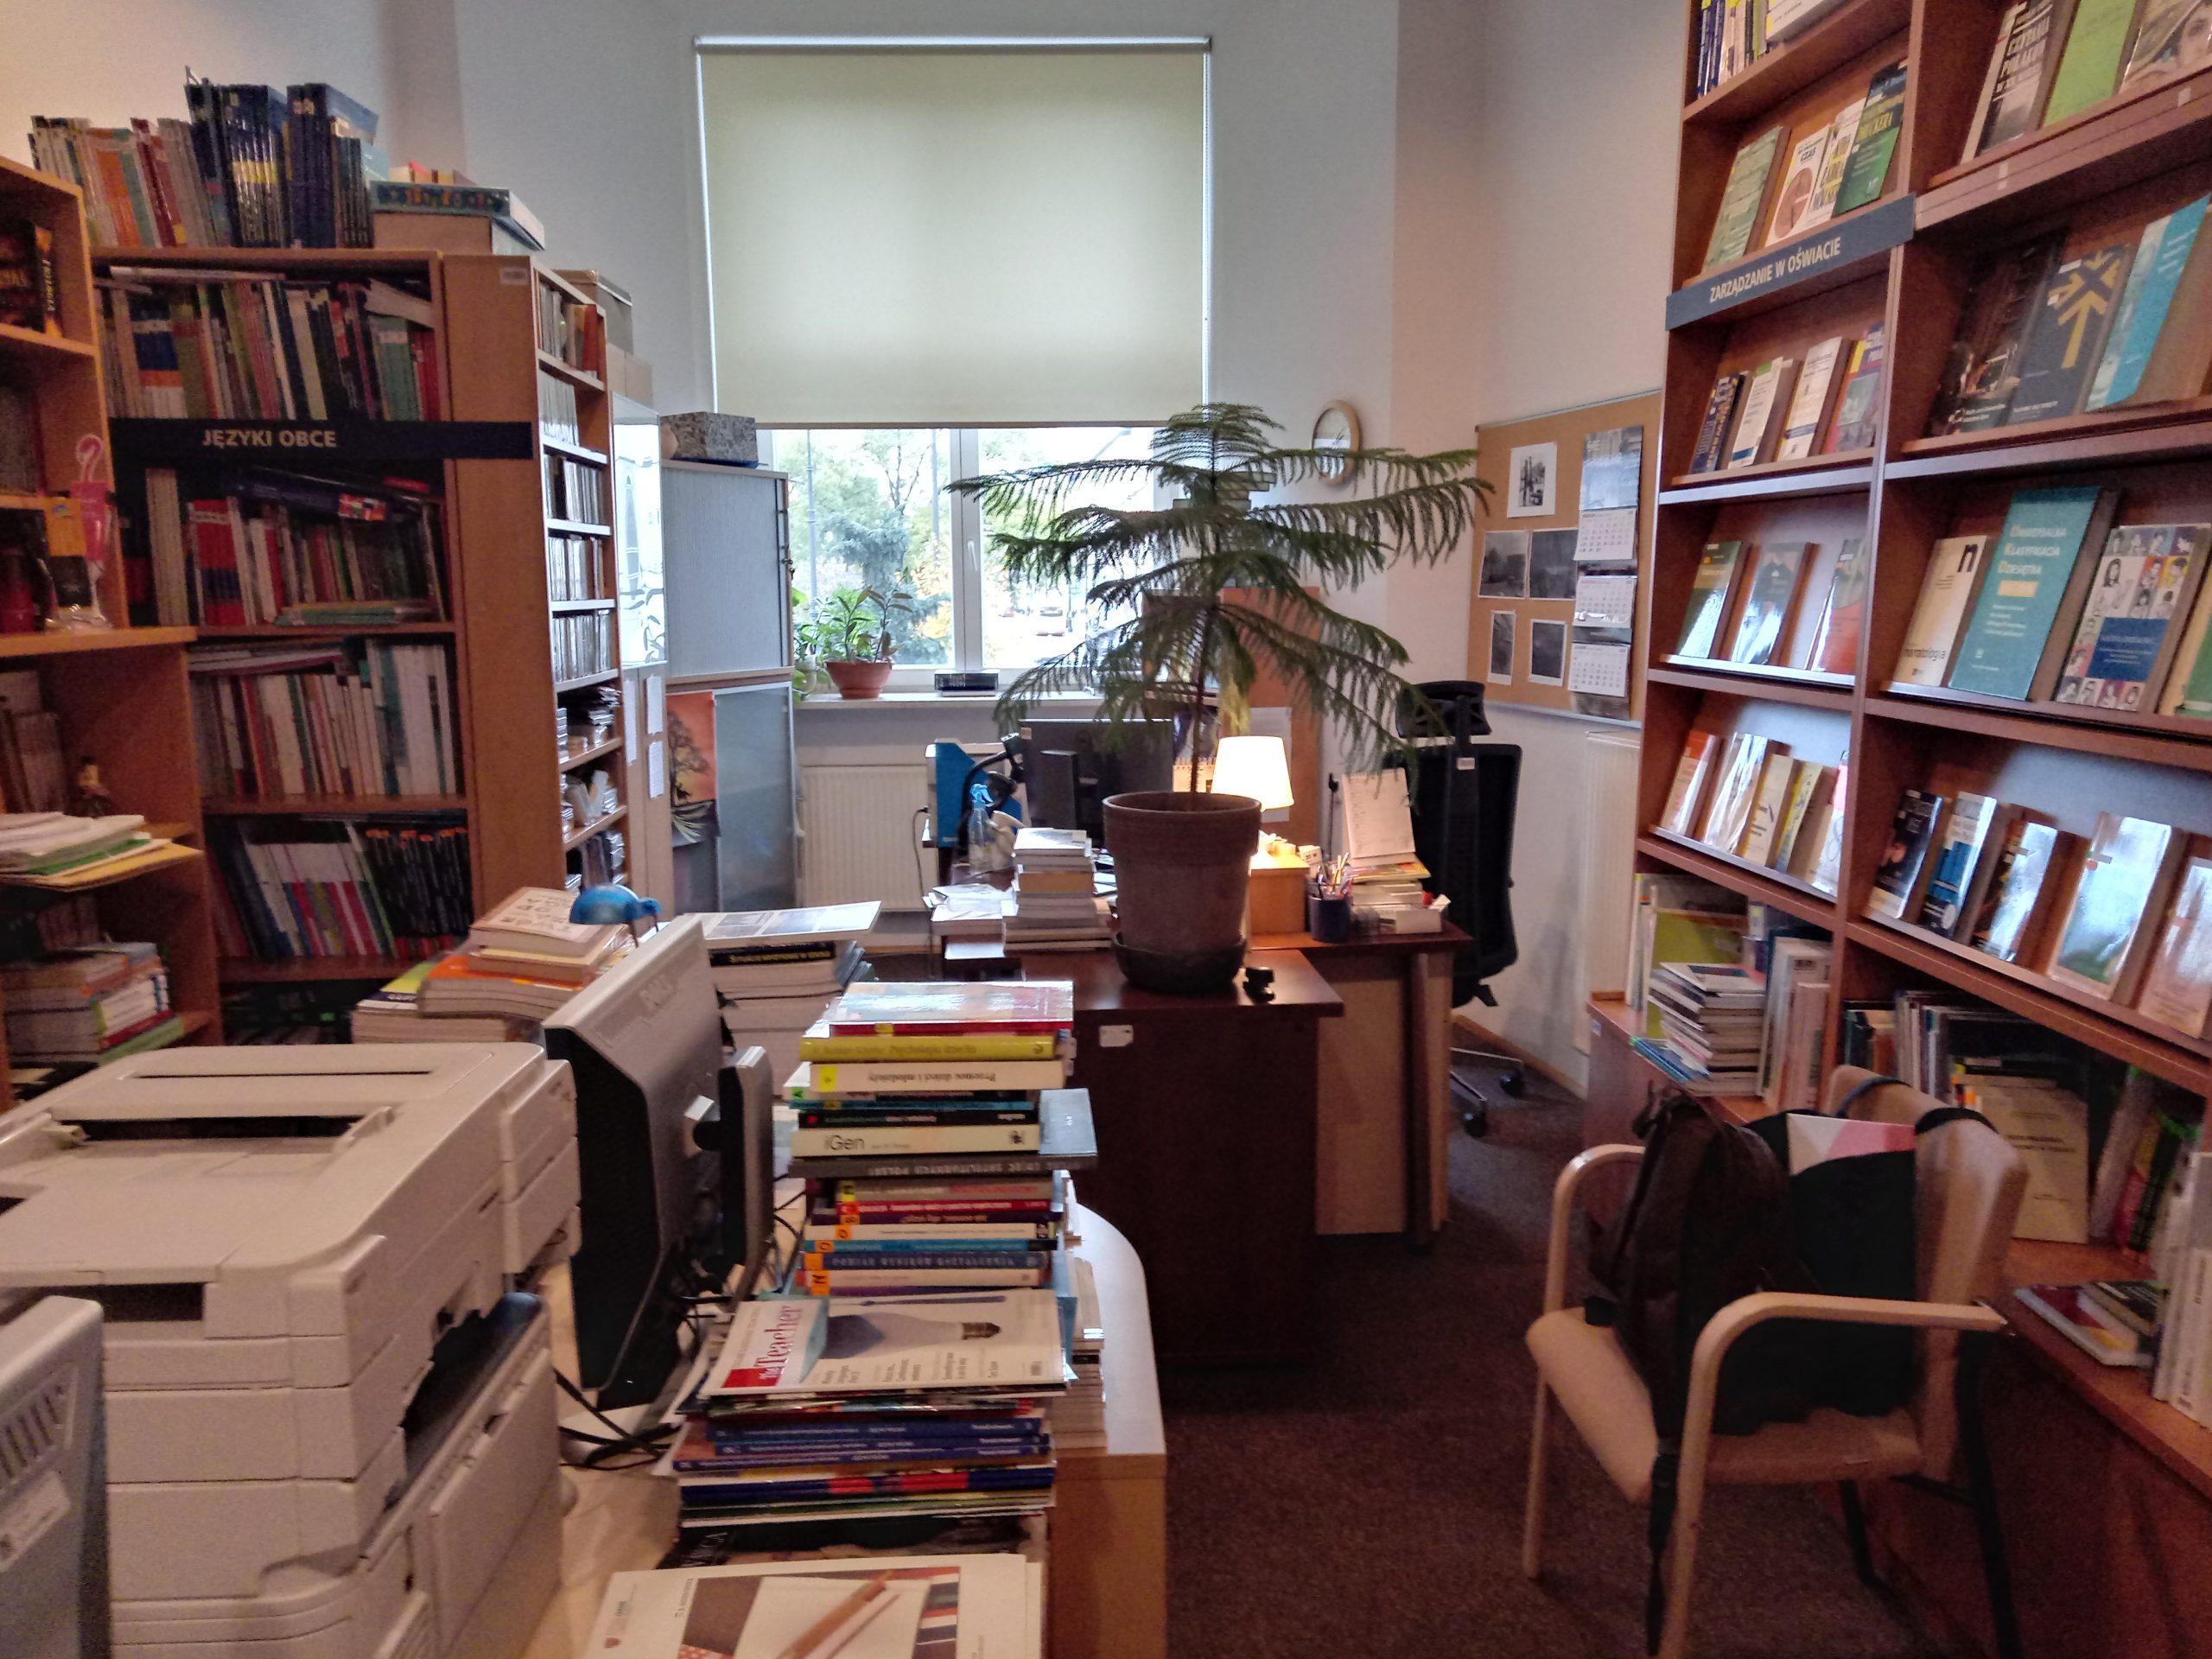 Wnętrze Medioteki Edukacyjnej Ośrodka Rozwoju Edukacji. Polewej stronie znajduje się księgozbiór podręczny - słowniki, encyklopedie, materiały polonijne iinne kompendia wiedzy.  Zaraz zanim dział  metodyki języków obcych imateriały multimedialne. Poprawej natomiast wyeksponowano zbiory zzakresu psychologii, pedagogiki, dydaktyki, zarządzania, bibliotekoznawstwa iinnych dziedzin wiedzy. Pośrodku przygotowano dwa stanowiska komputerowe służące samodzielnej pracy czytelników. Obok, naniskich regałach, leżą roczniki czasopism edukacyjnych